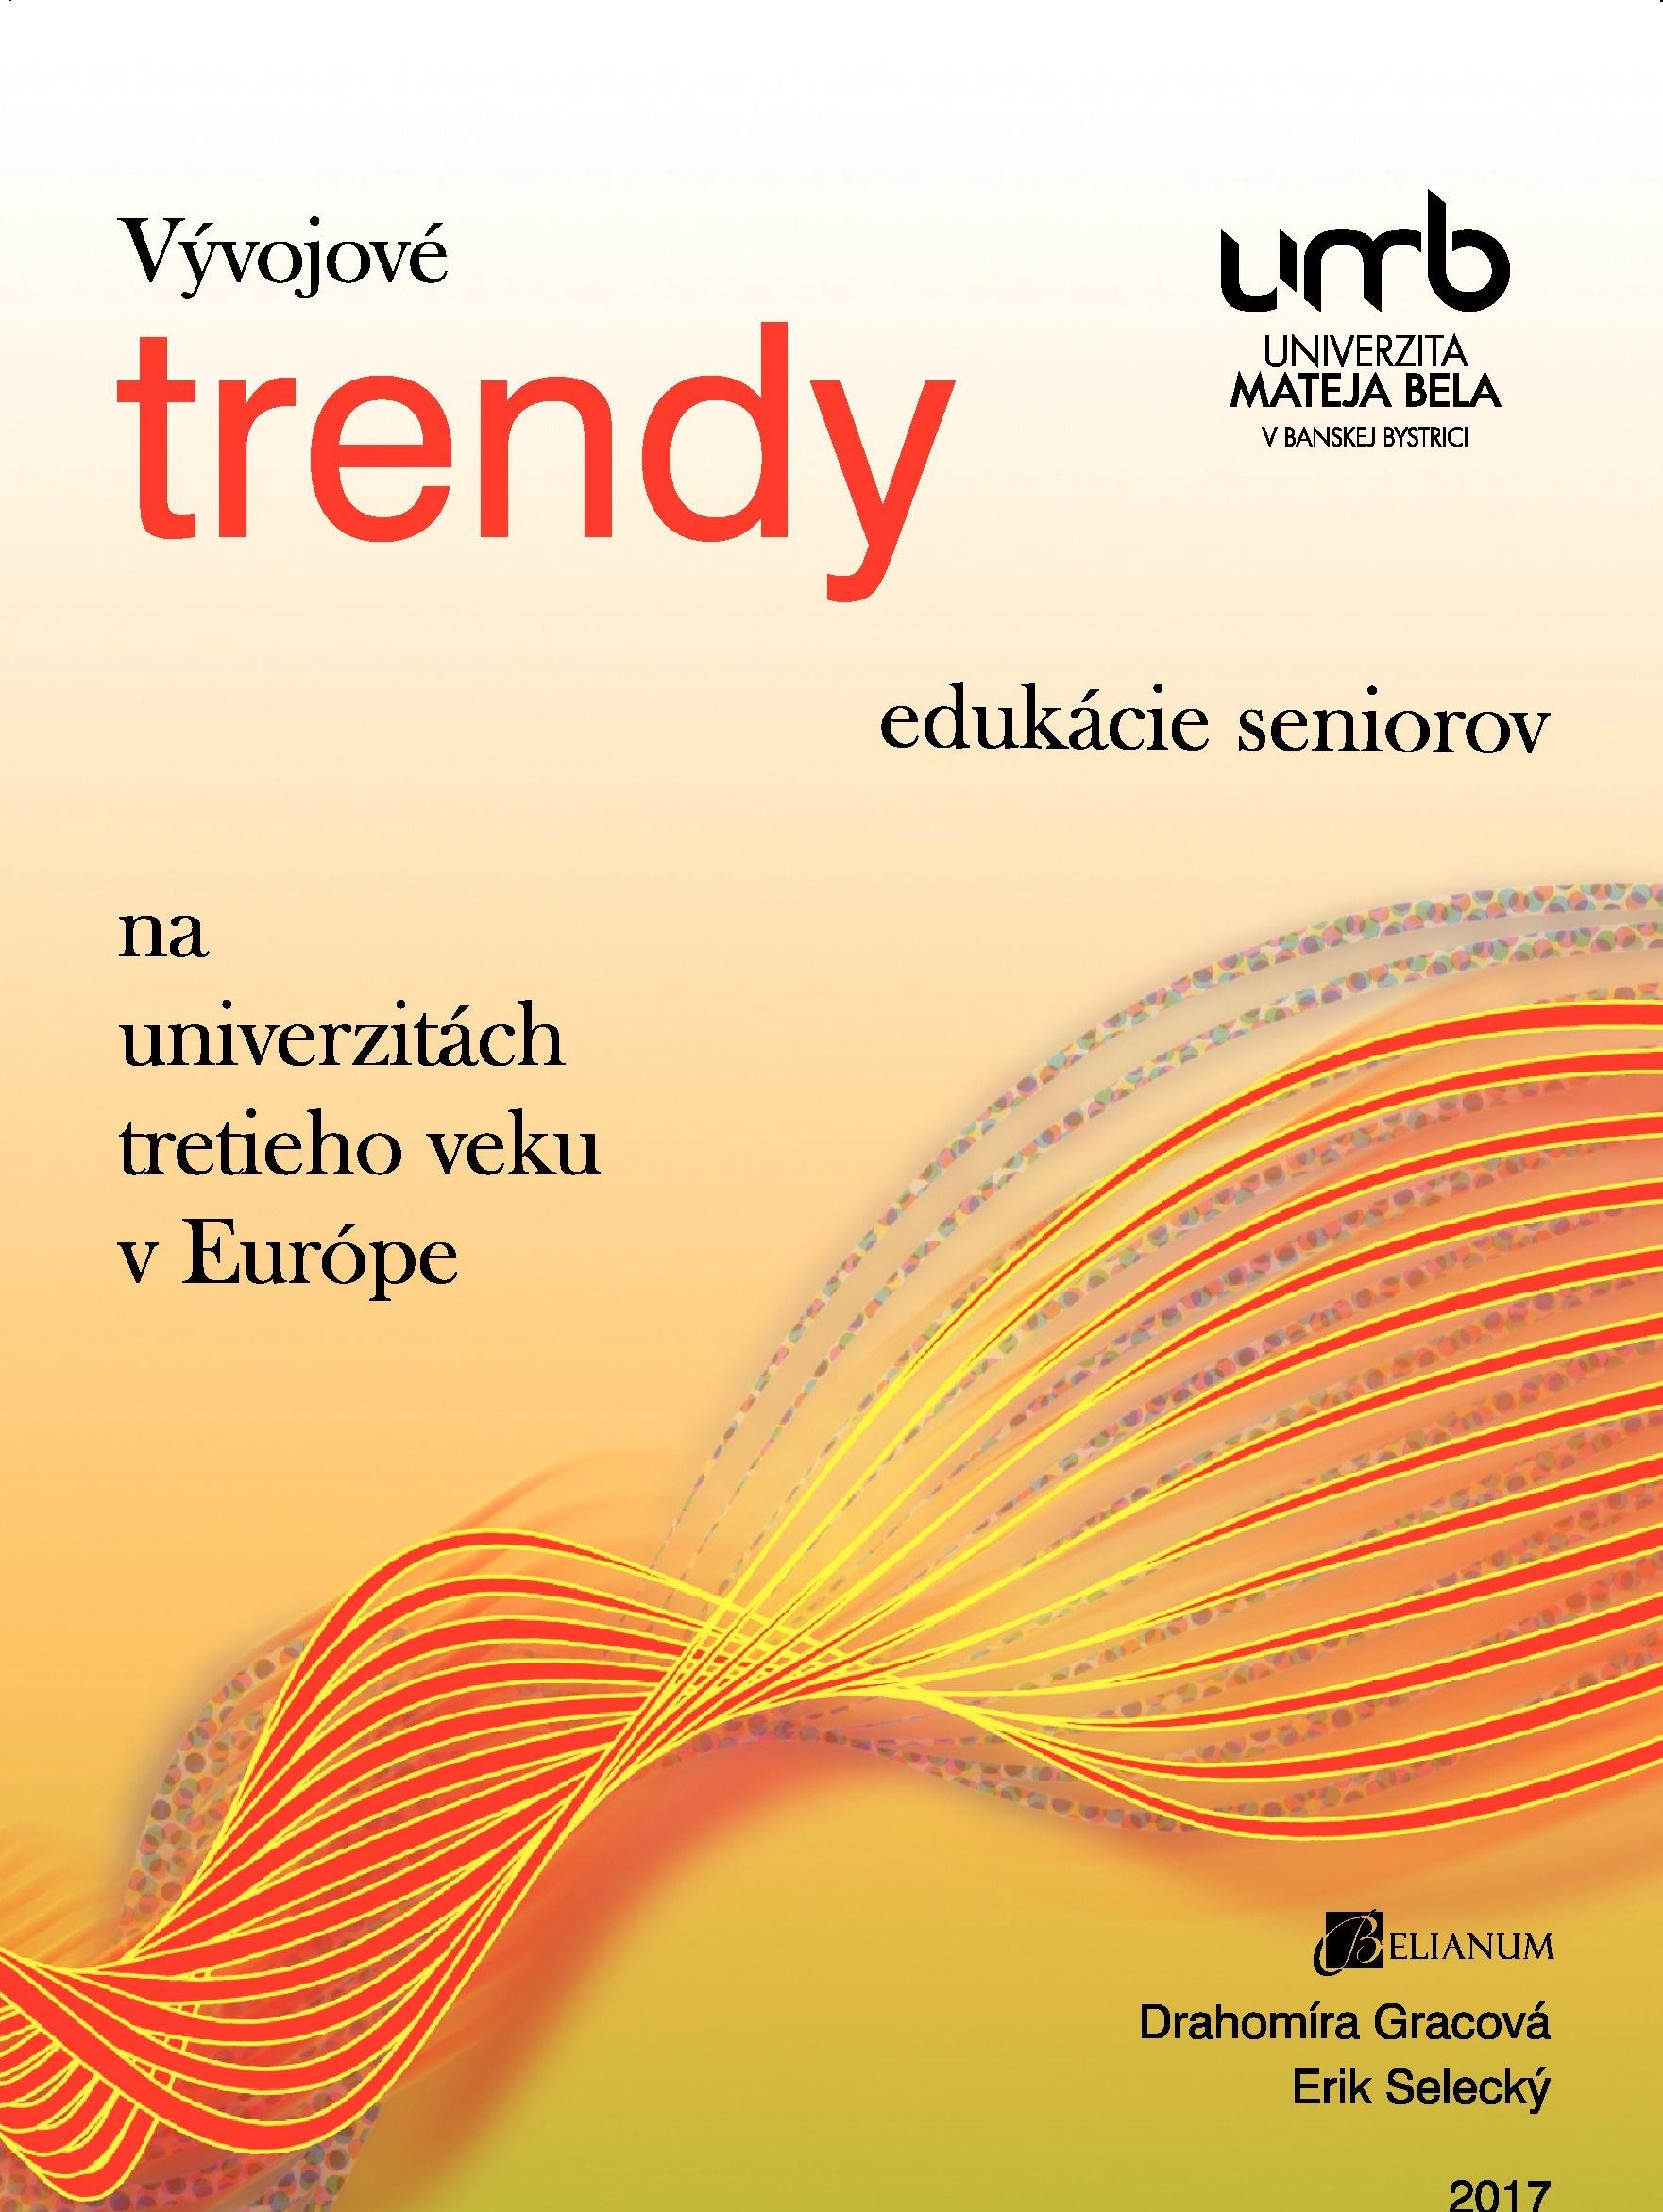 Vývojové trendy edukácie seniorov na univerzitách tretieho veku v Európe